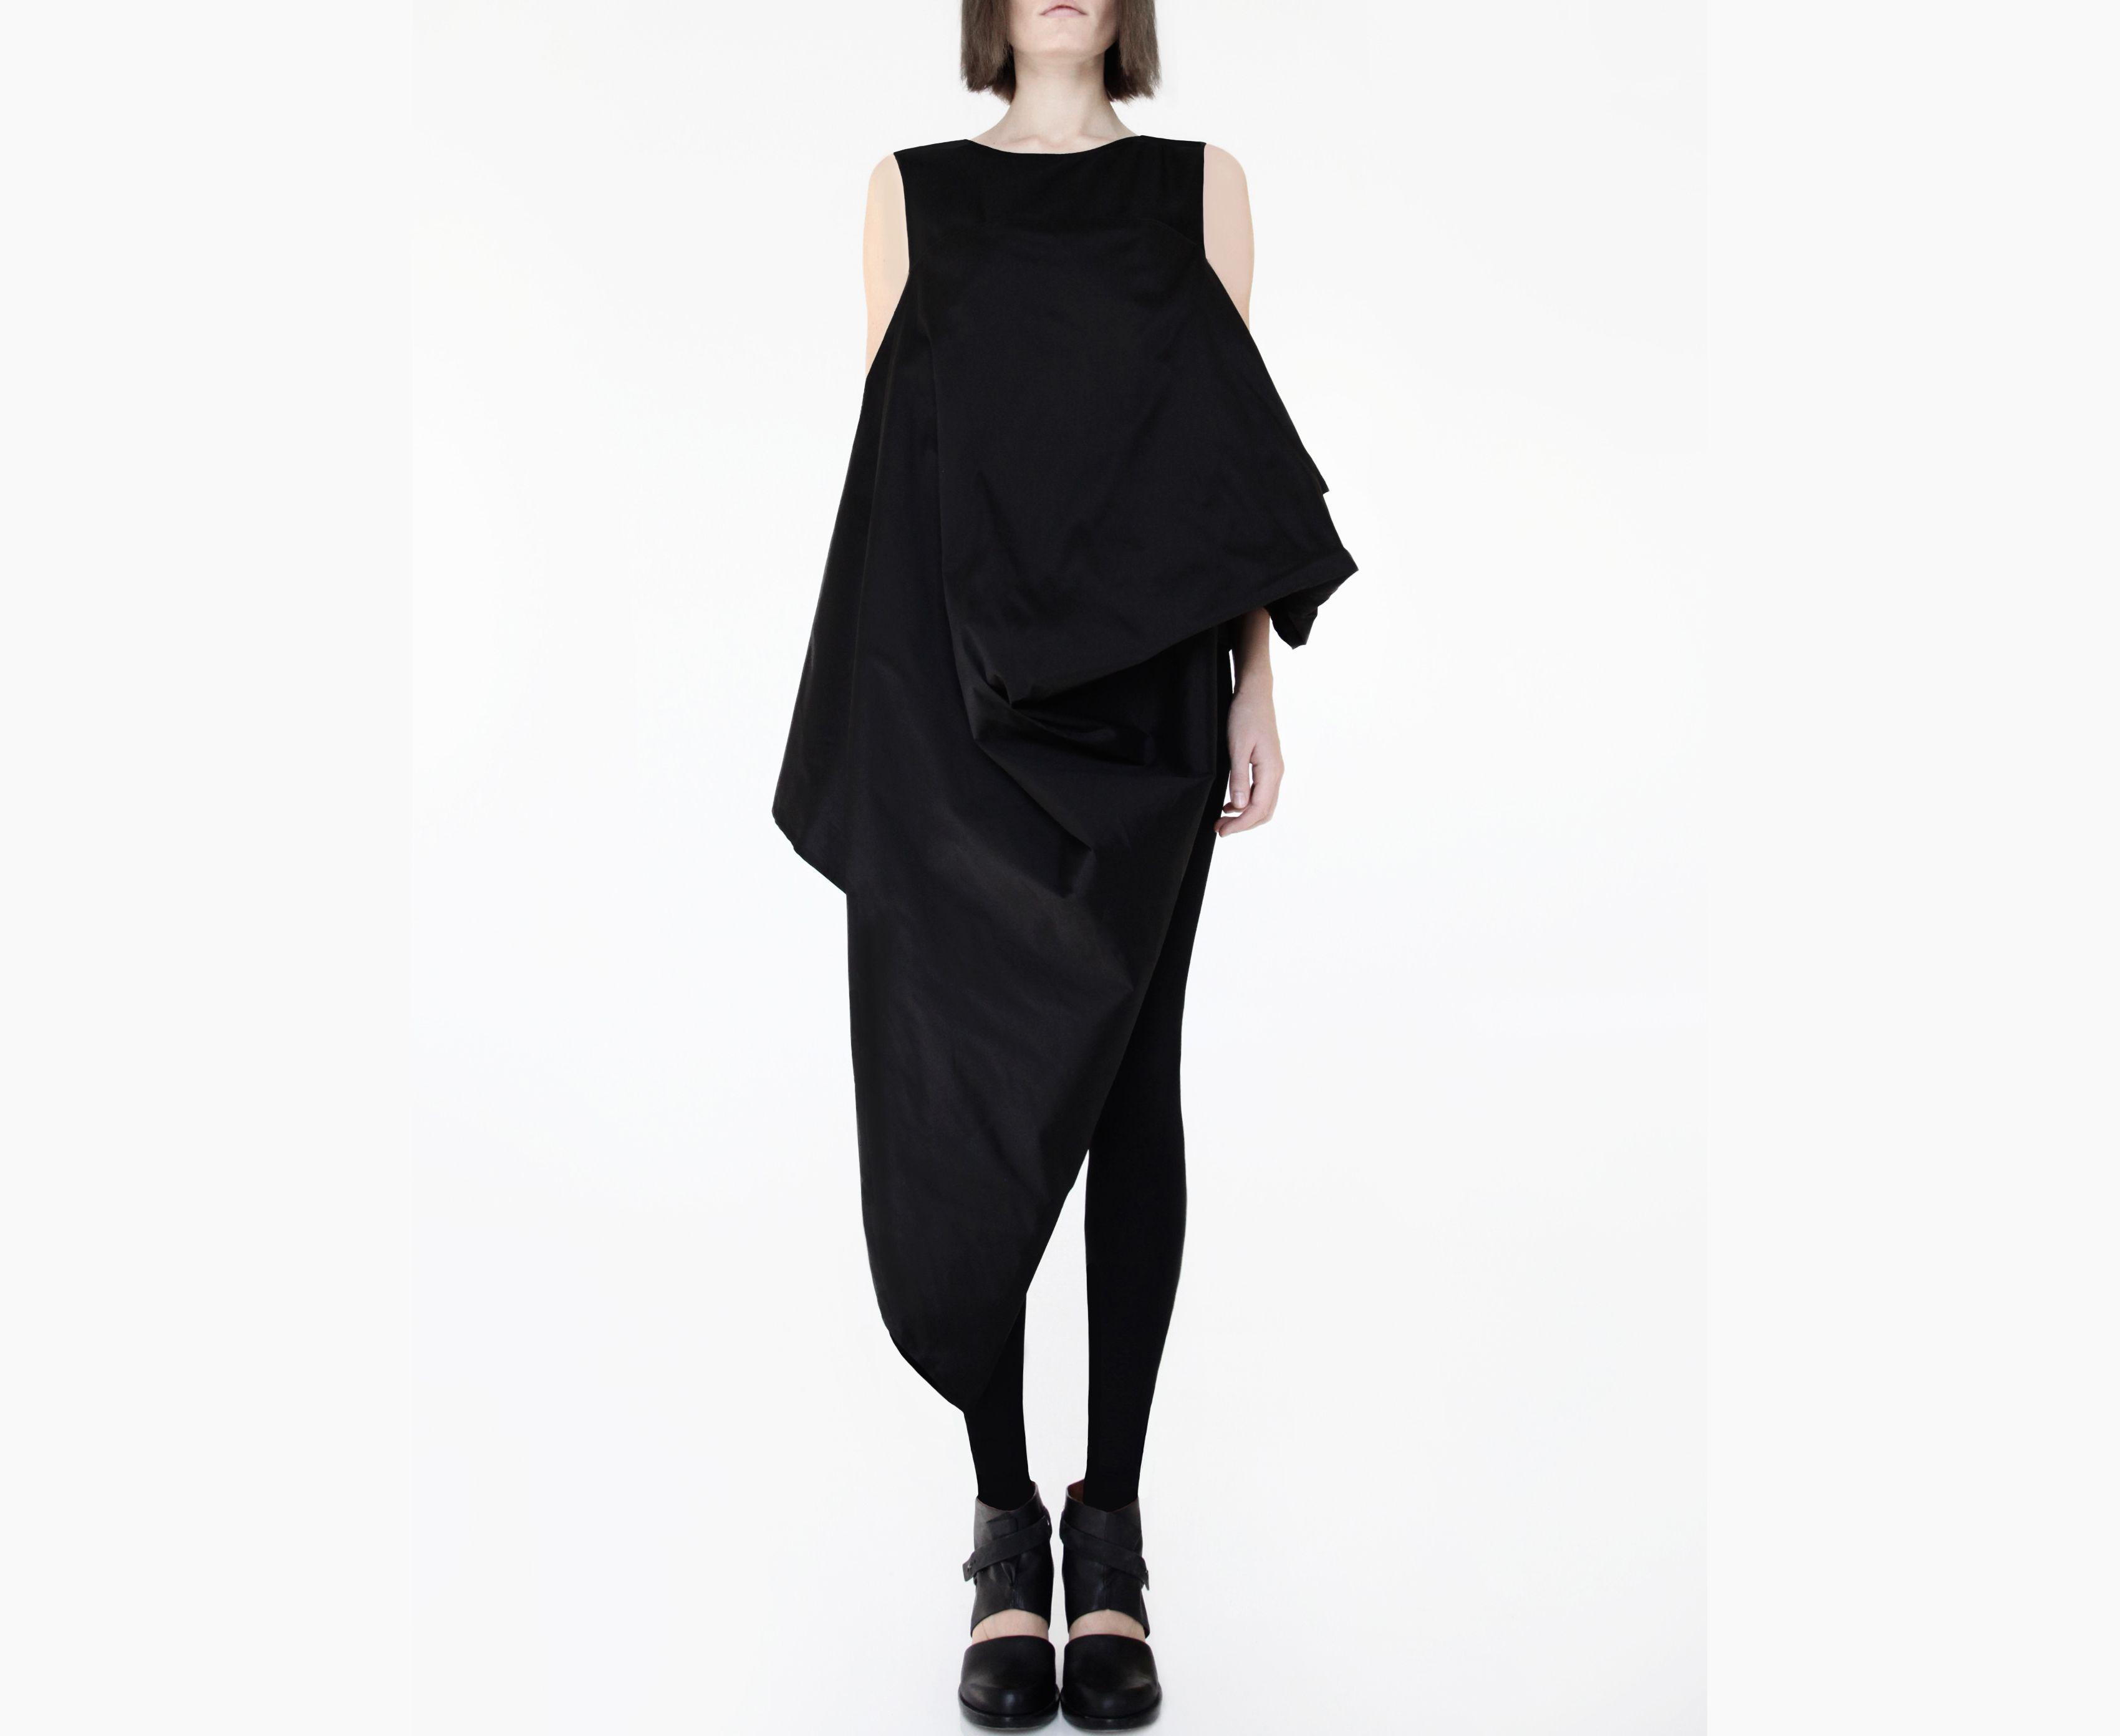 Boho Draped Parachute Dress Asymmetrical Cocoon Dress Etsy Black Taffeta Dress Asymmetrical Black Dress Fashion [ 2784 x 3400 Pixel ]